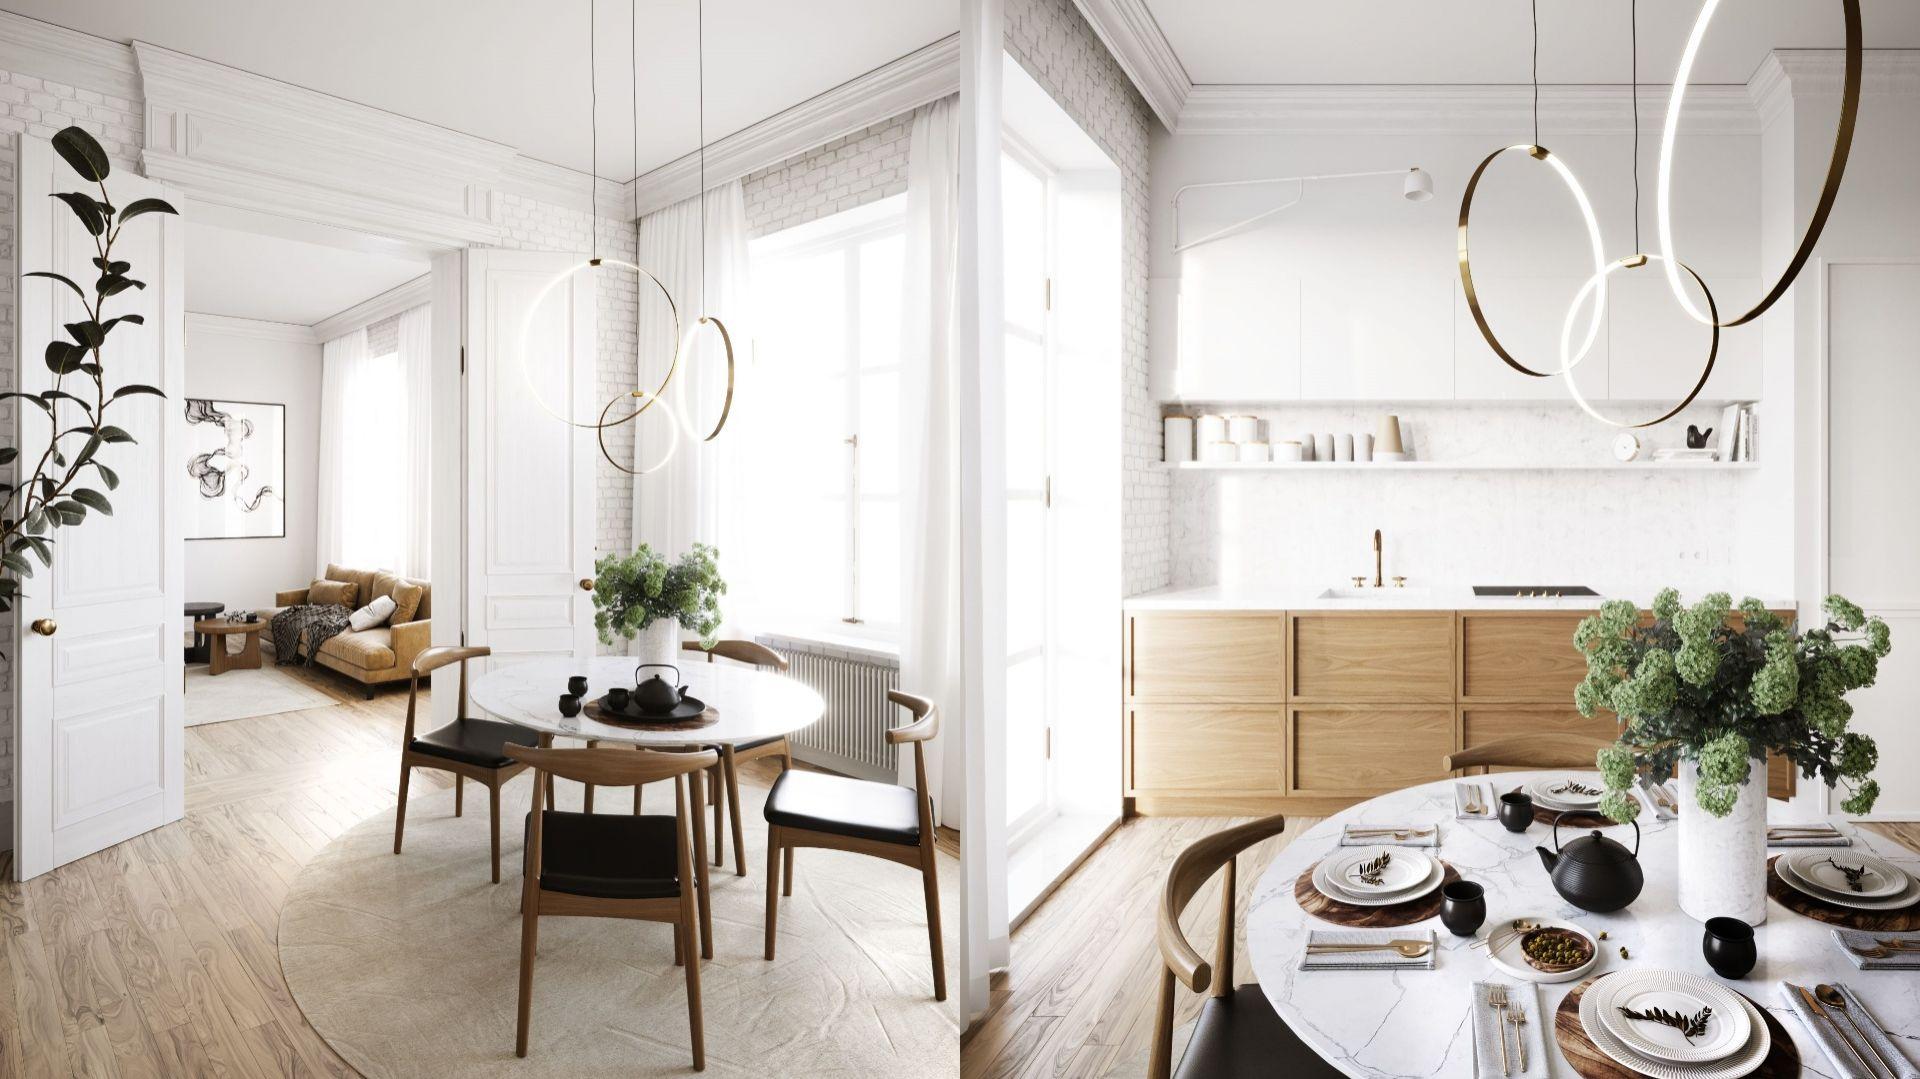 80-metrowe mieszkanie w kamienicy to stylowa otwarta przestrzeń zaprojektowana dla małżeństwa. Projekt i wizualizacje: Katarzyna Kacik, Aleksandra Poprawa, pracownia projektowa houm